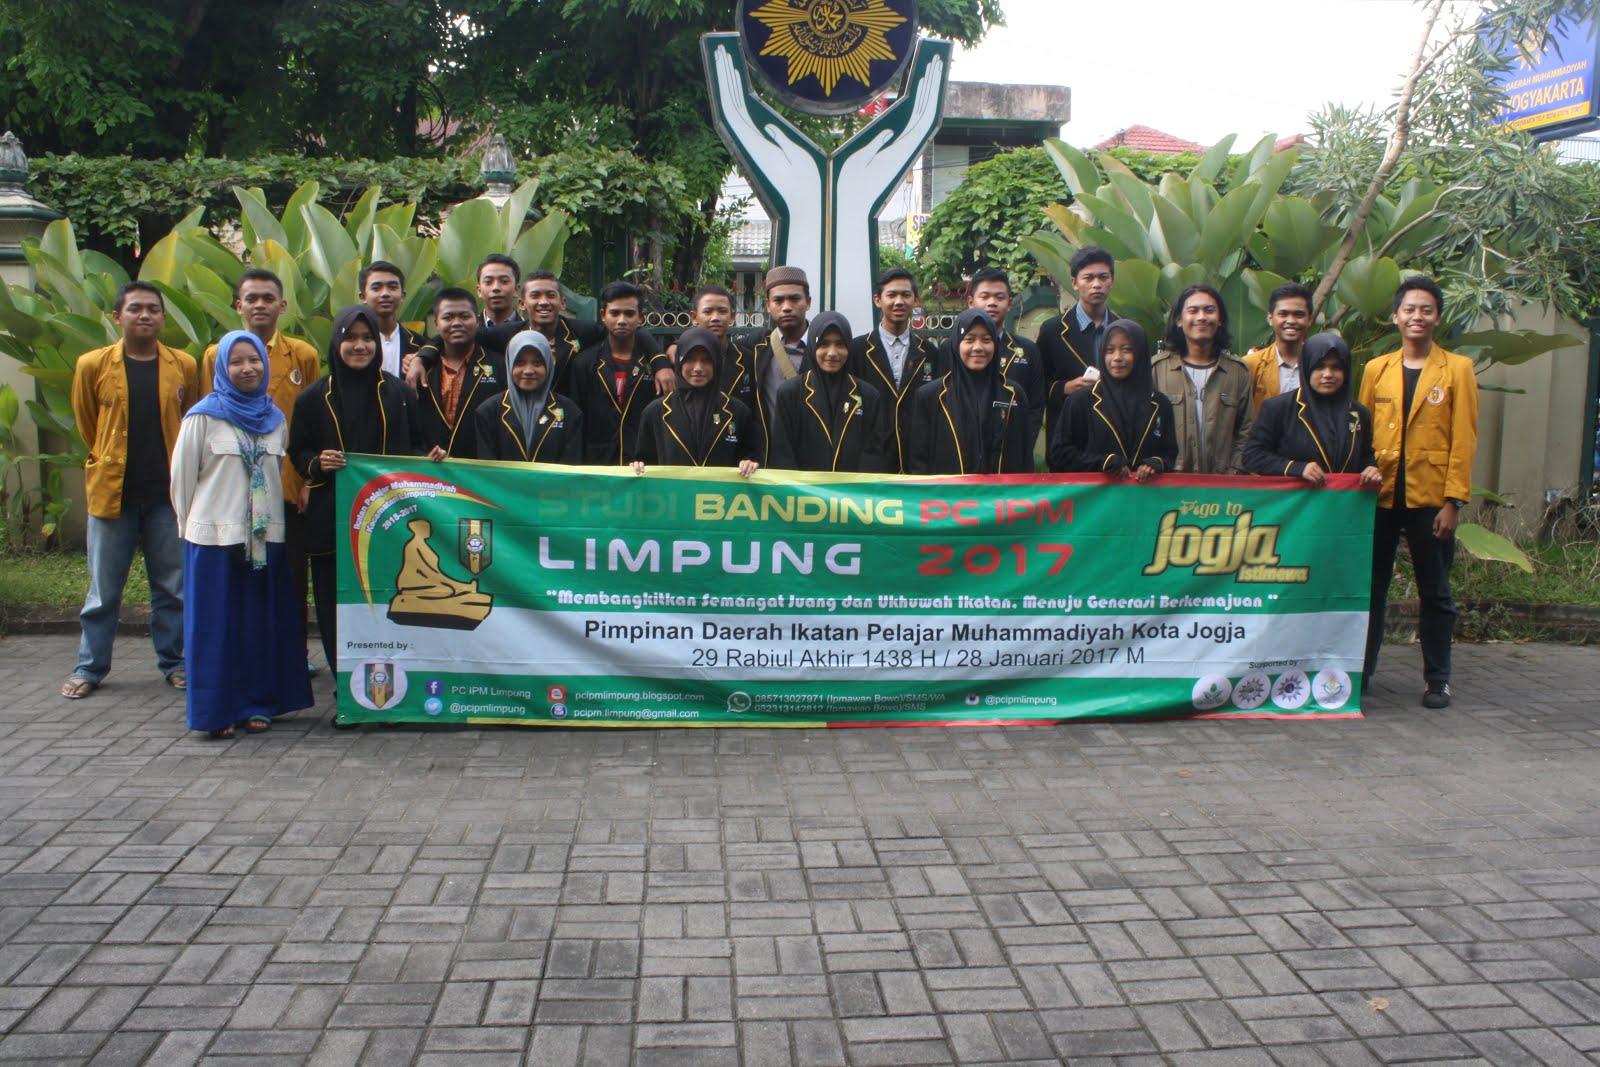 Studi Banding IPM Limpung